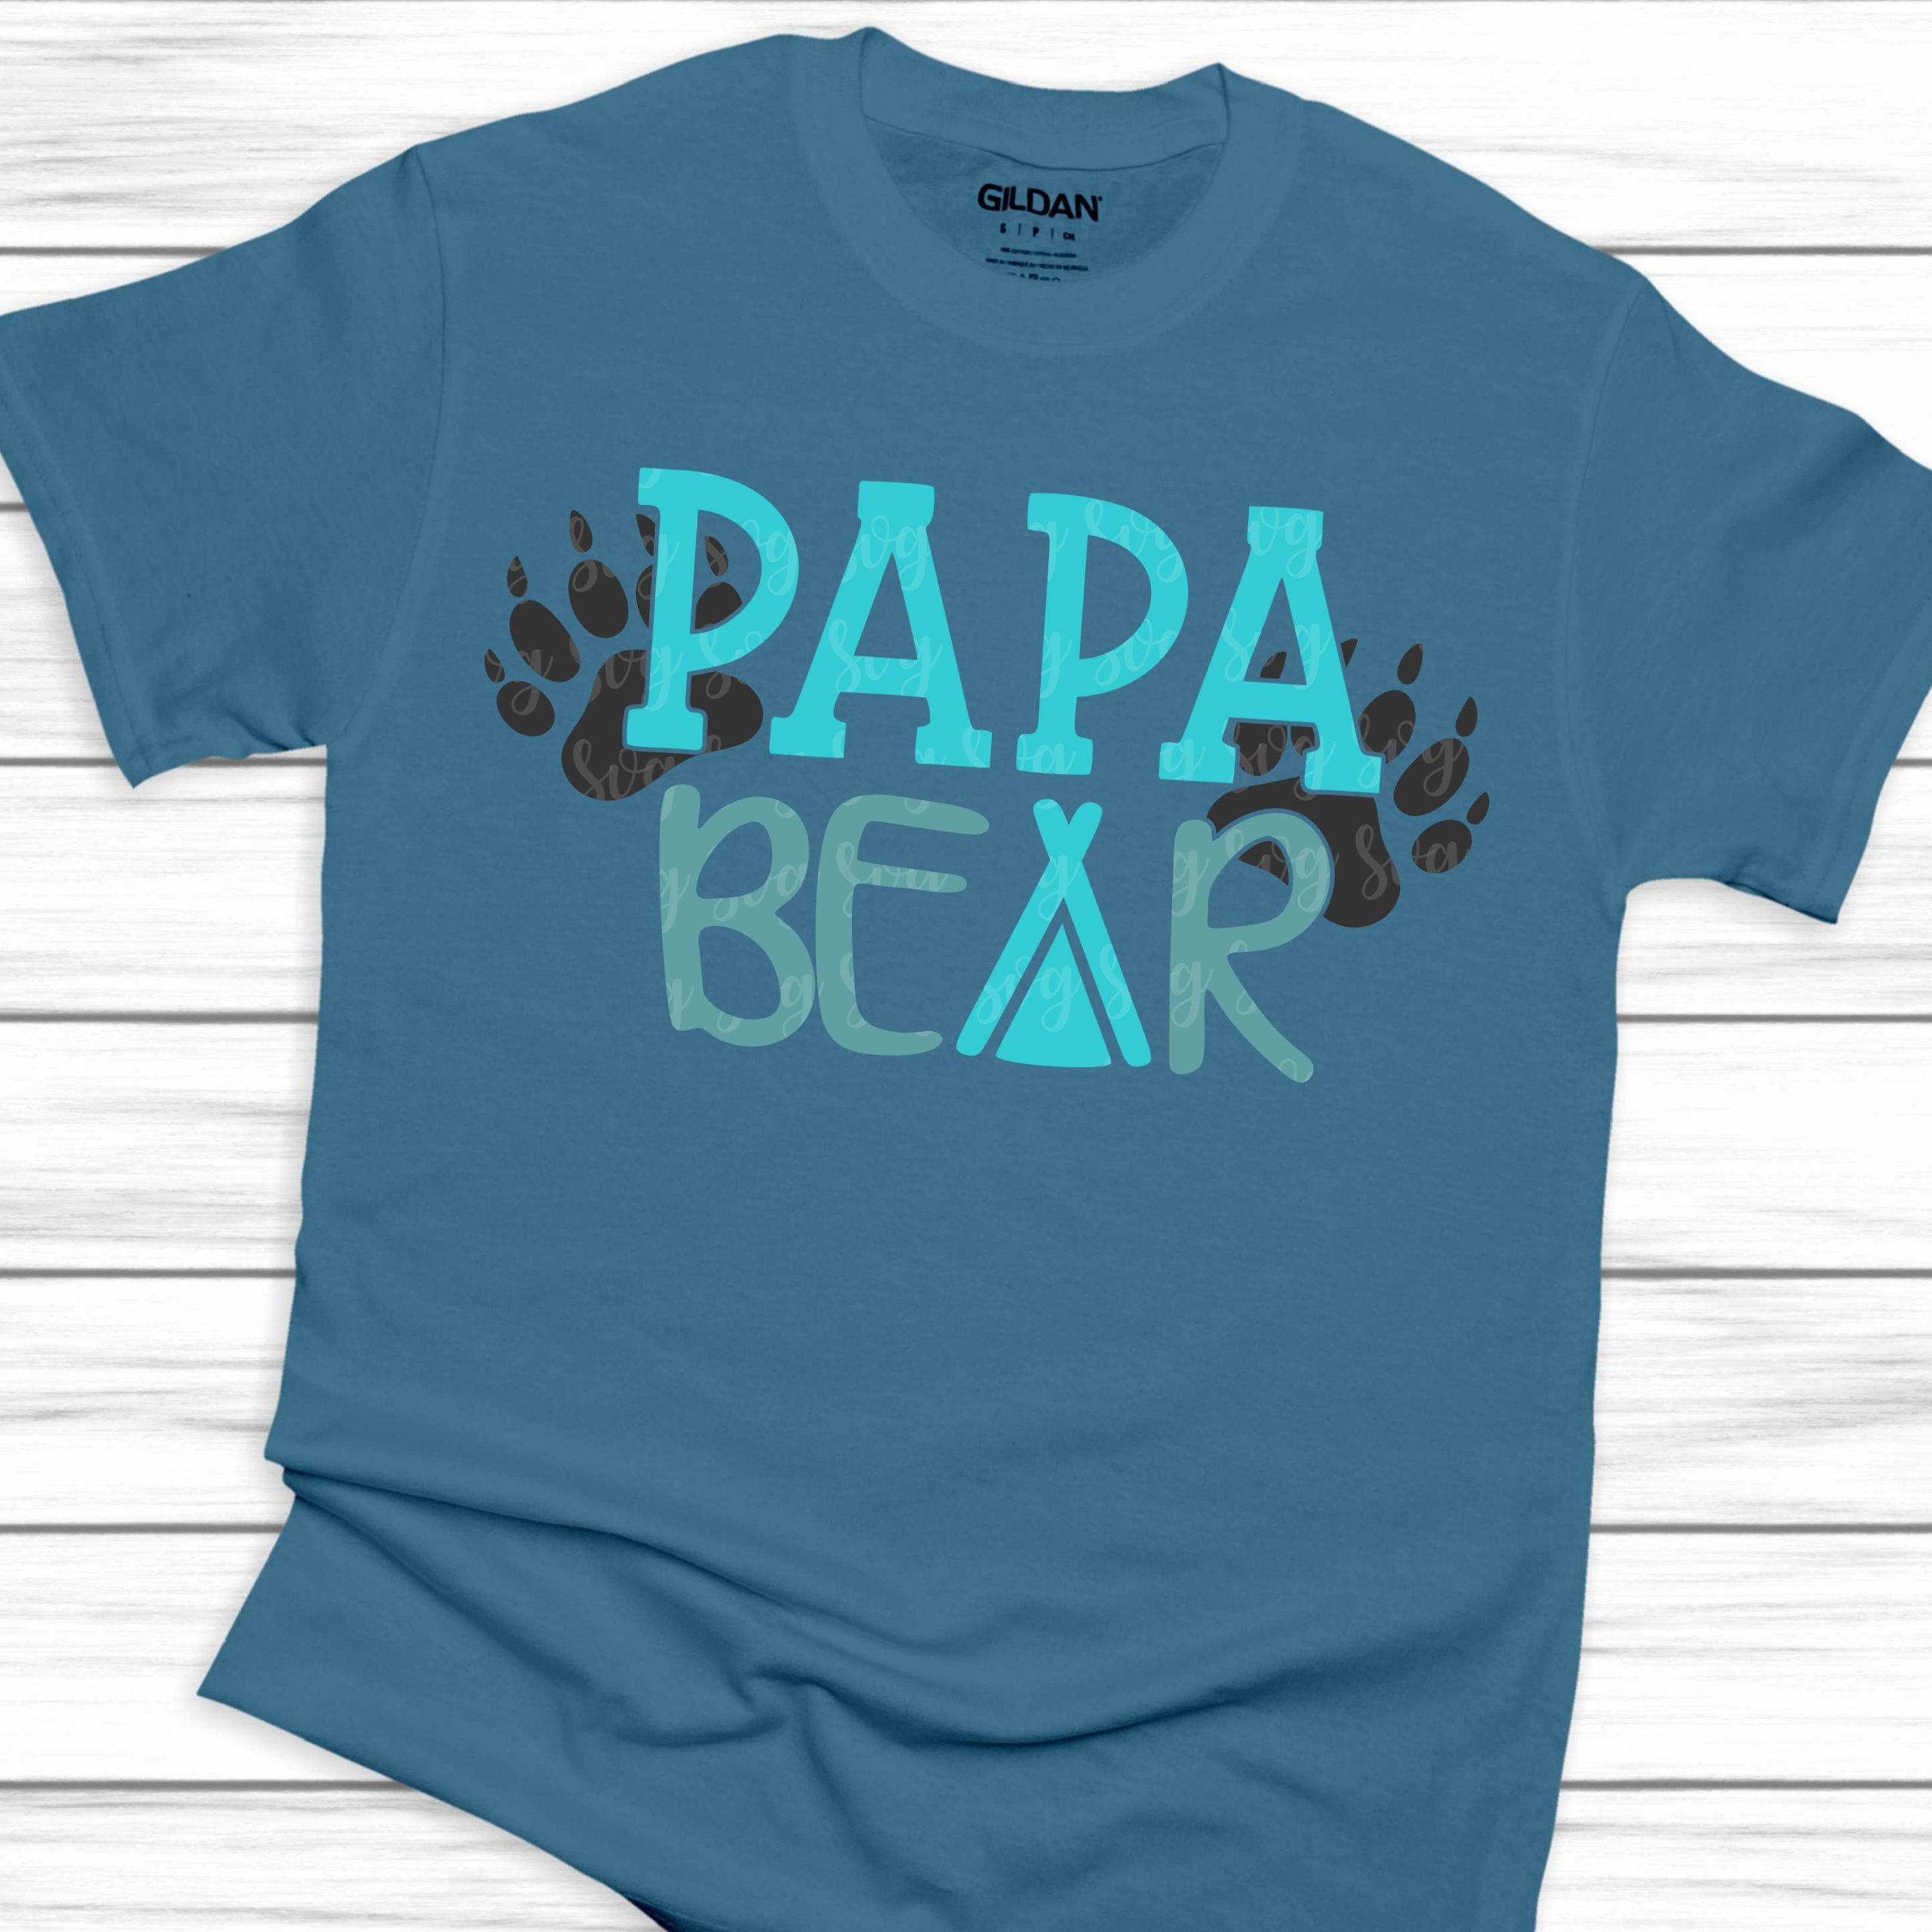 Fathers-day-svg-papa-bear-svgboys-fathers-day-svg-funny-dad-joke-pop-pop-svgfathers-day-svg-designs-fathers-day-cut-file-cricut-svg-60512c33